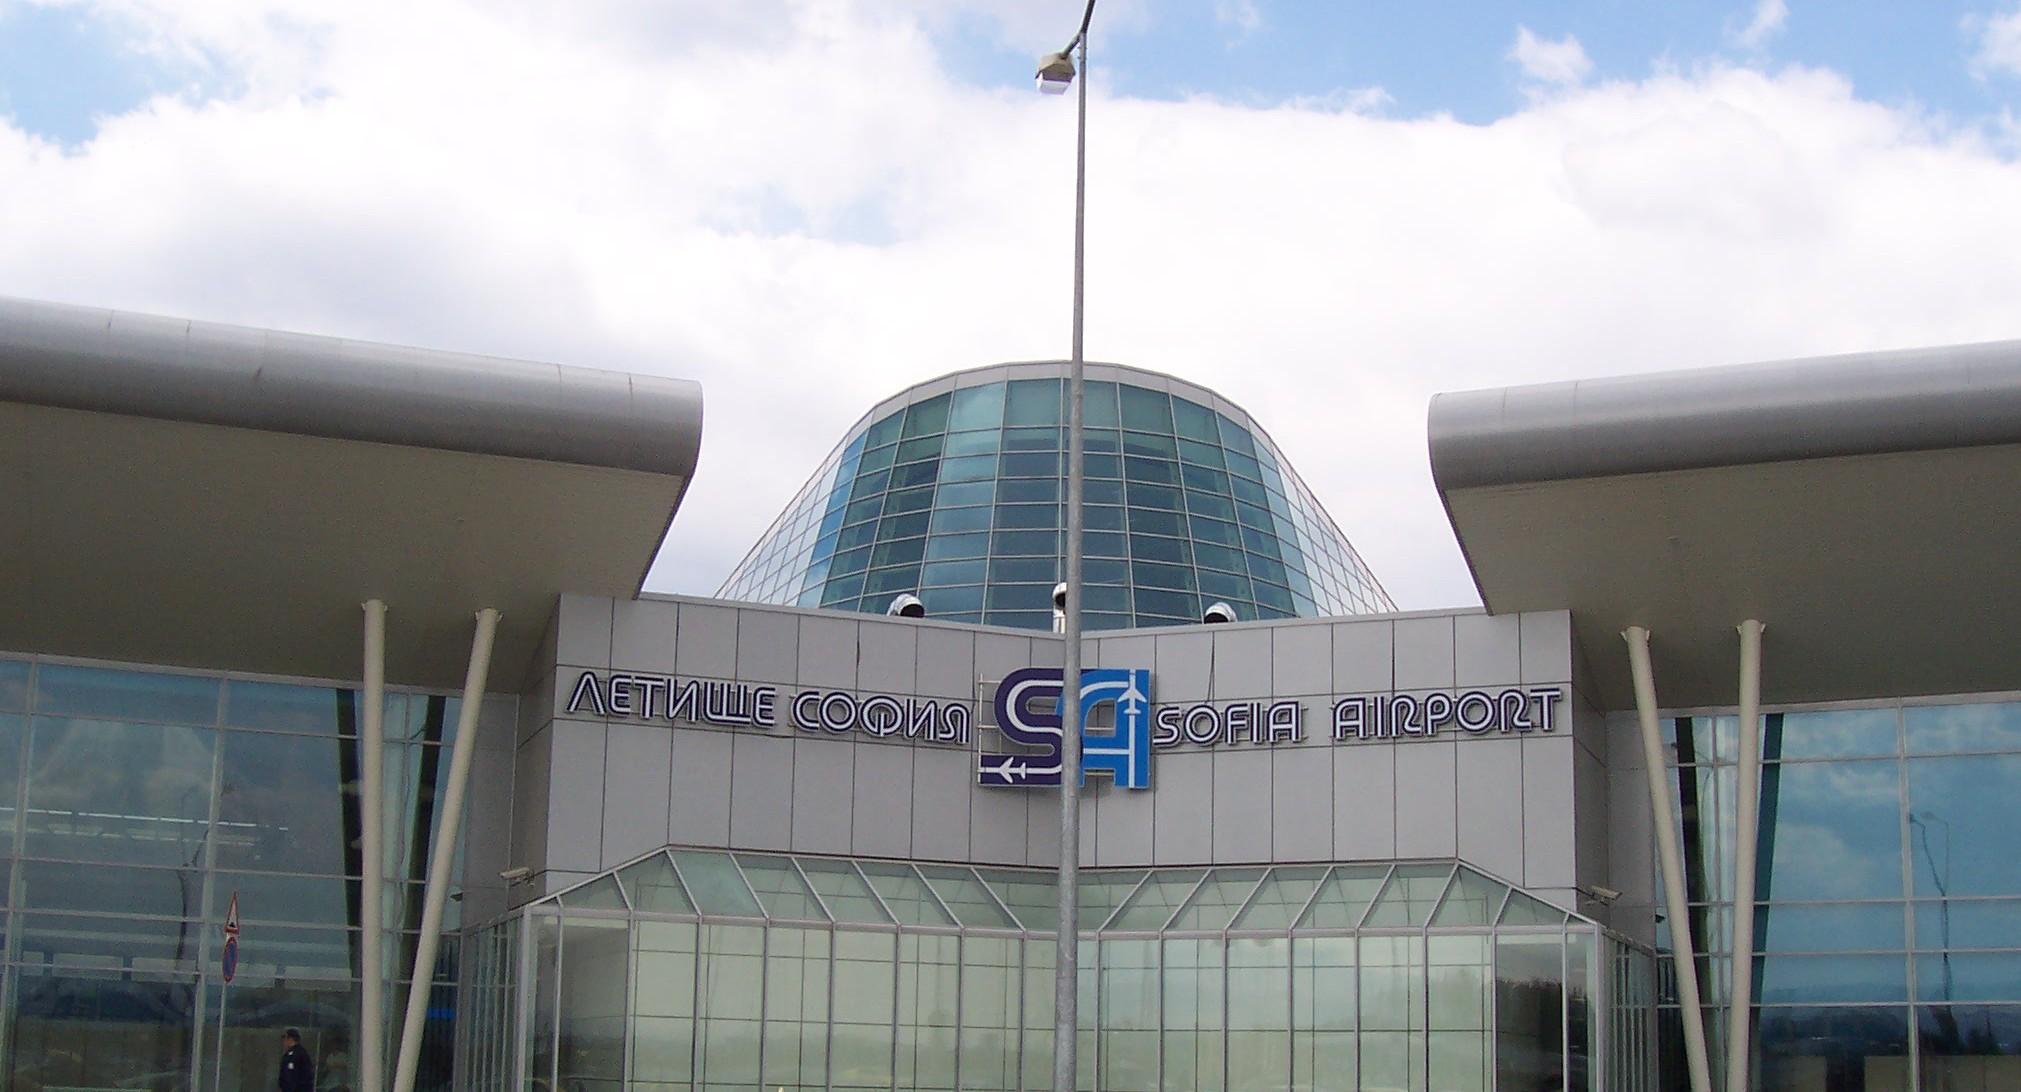 Как добраться из аэропорта Софии в центр города